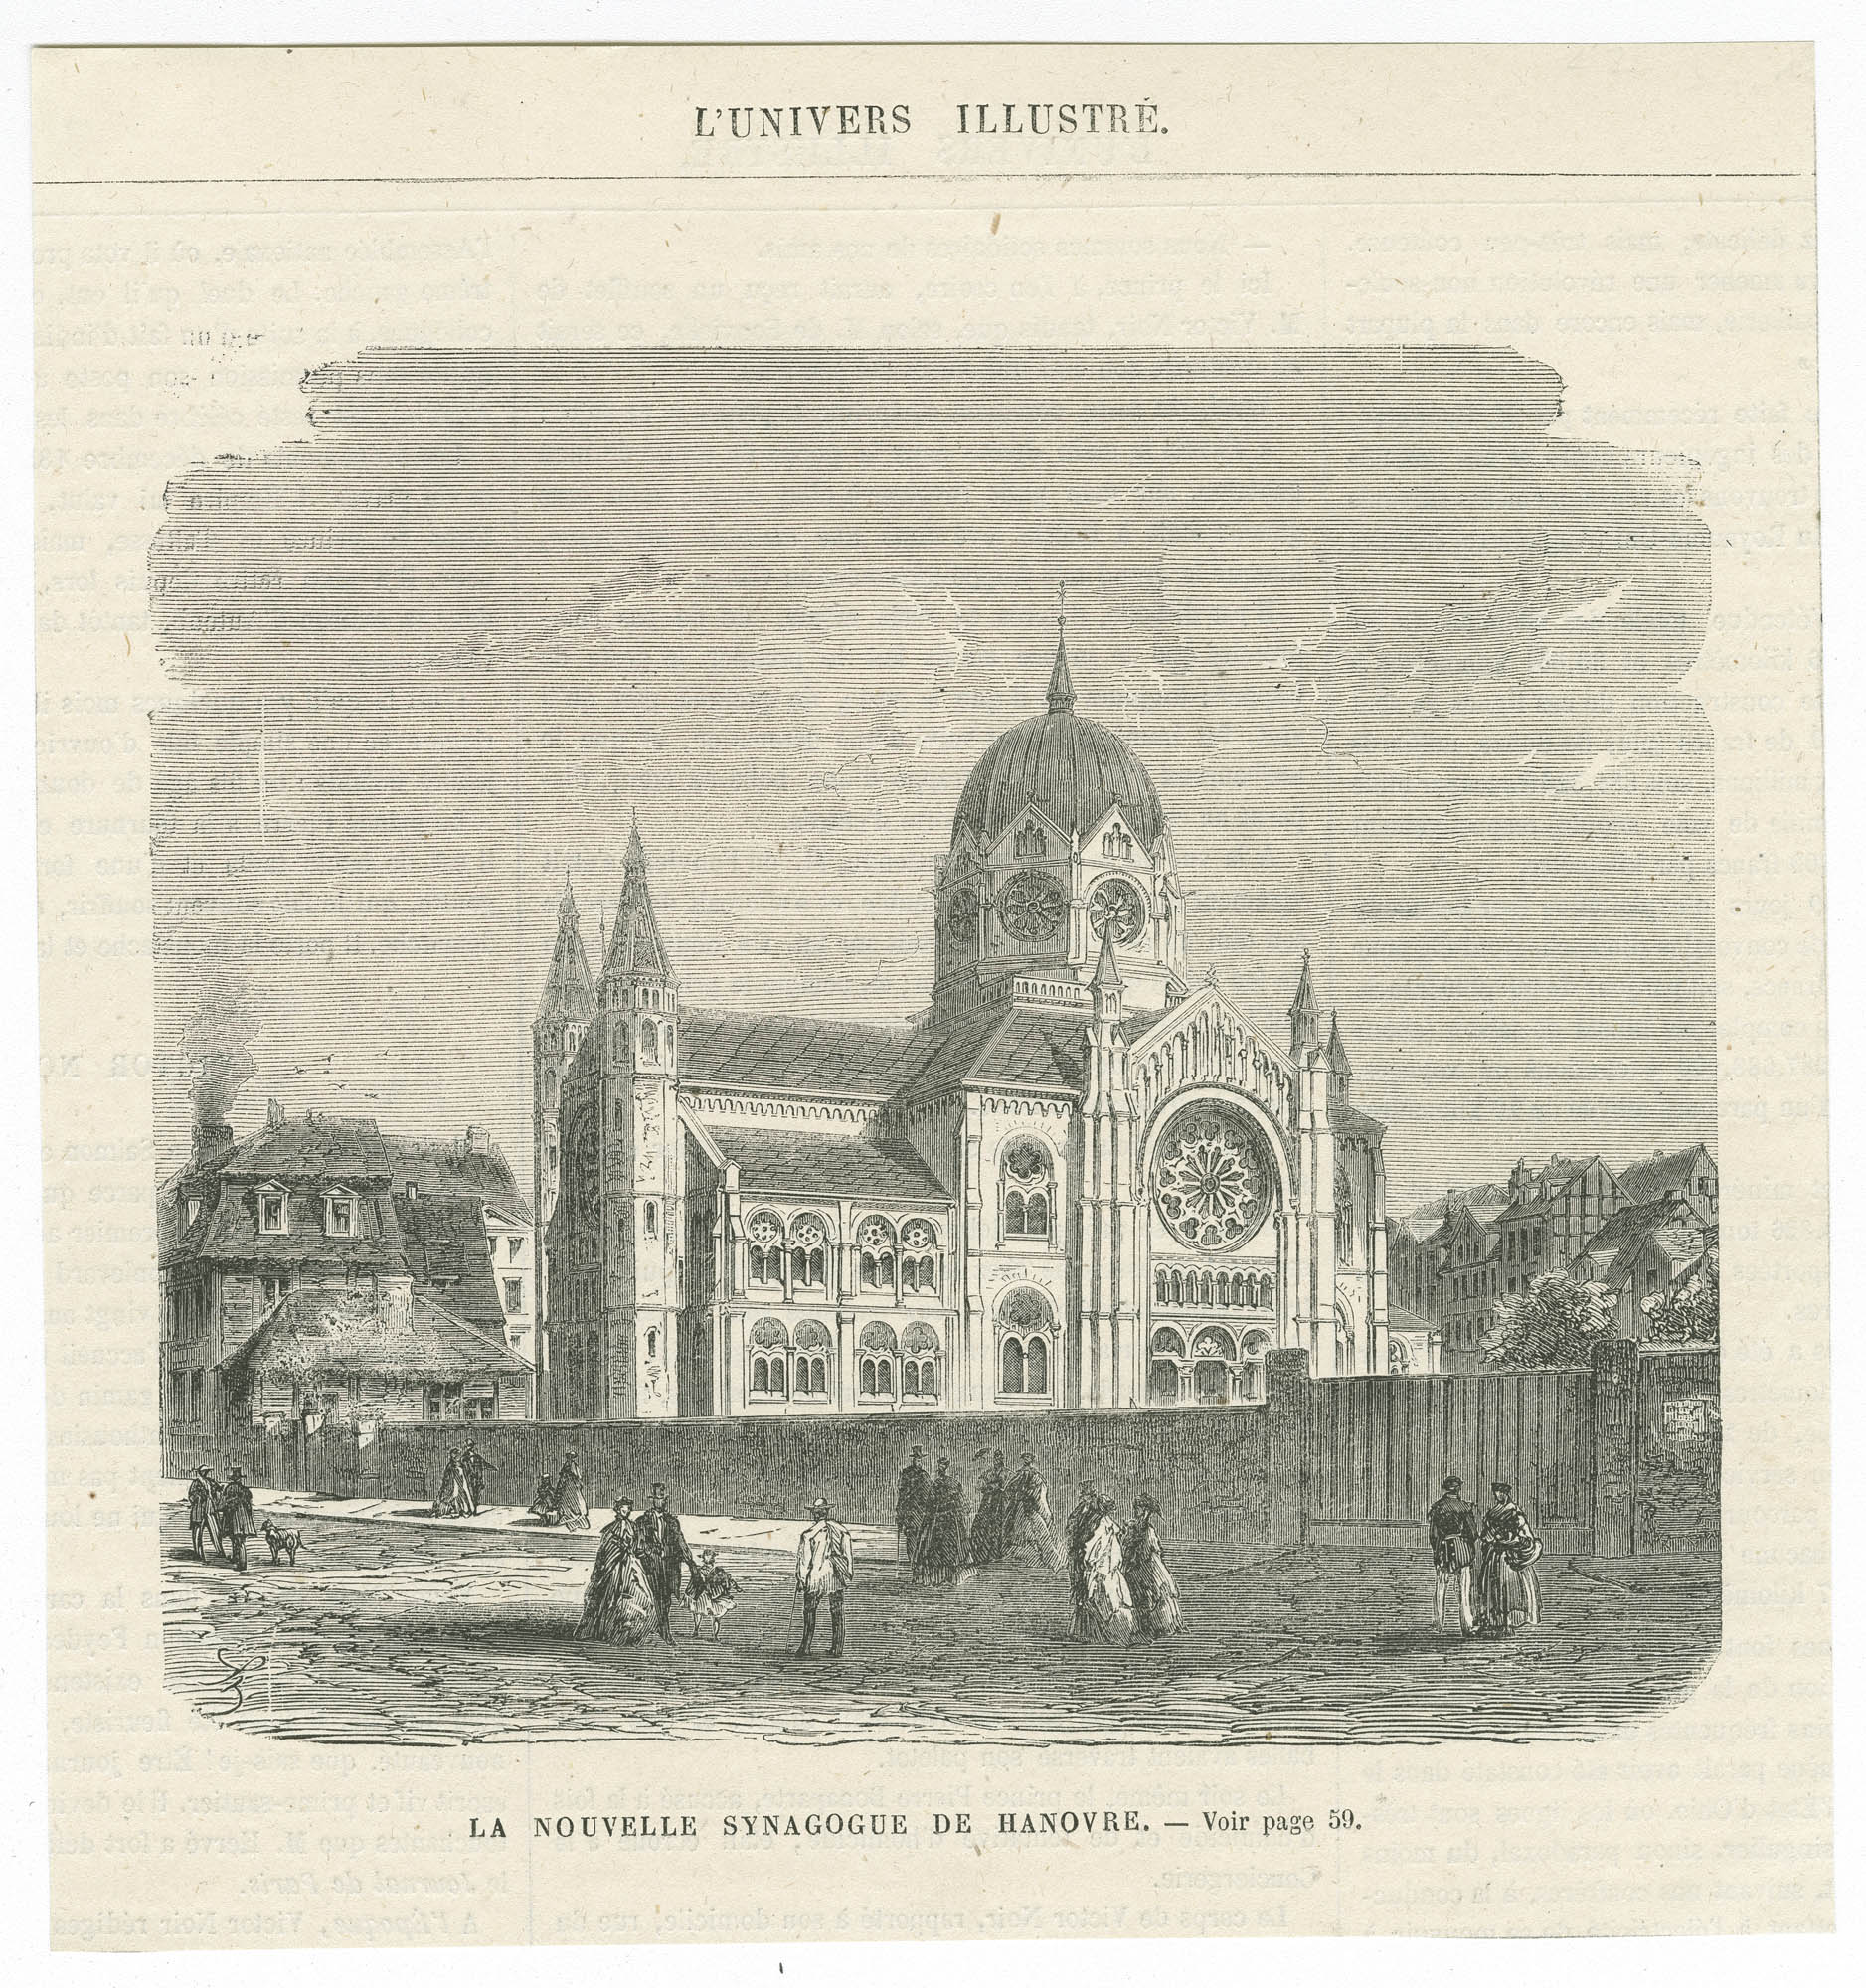 La nouvelle synagogue de Hanovre